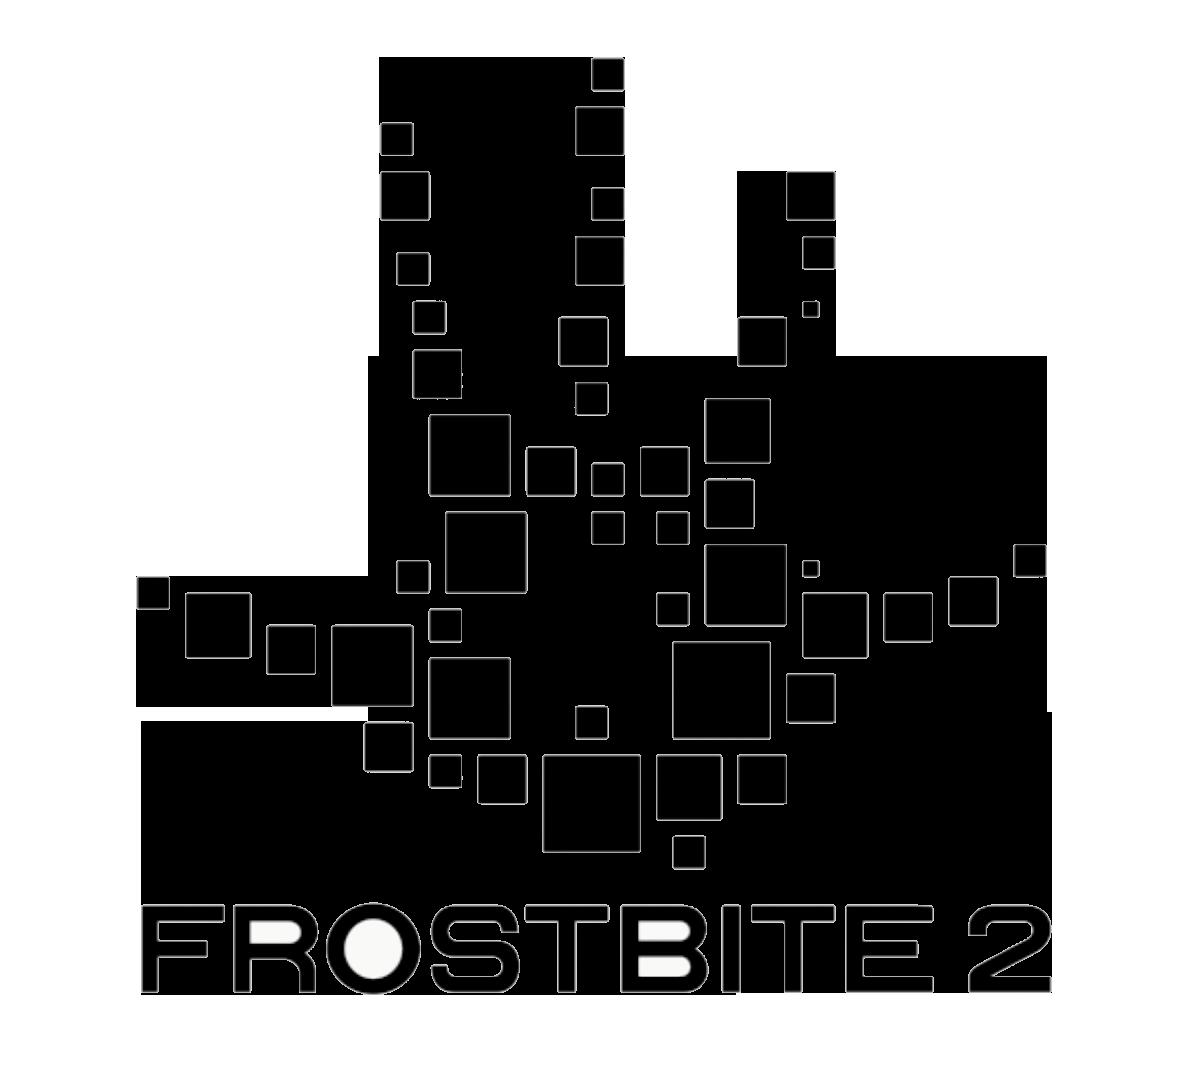 Игры на 32 битную систему скачать торрент - c4